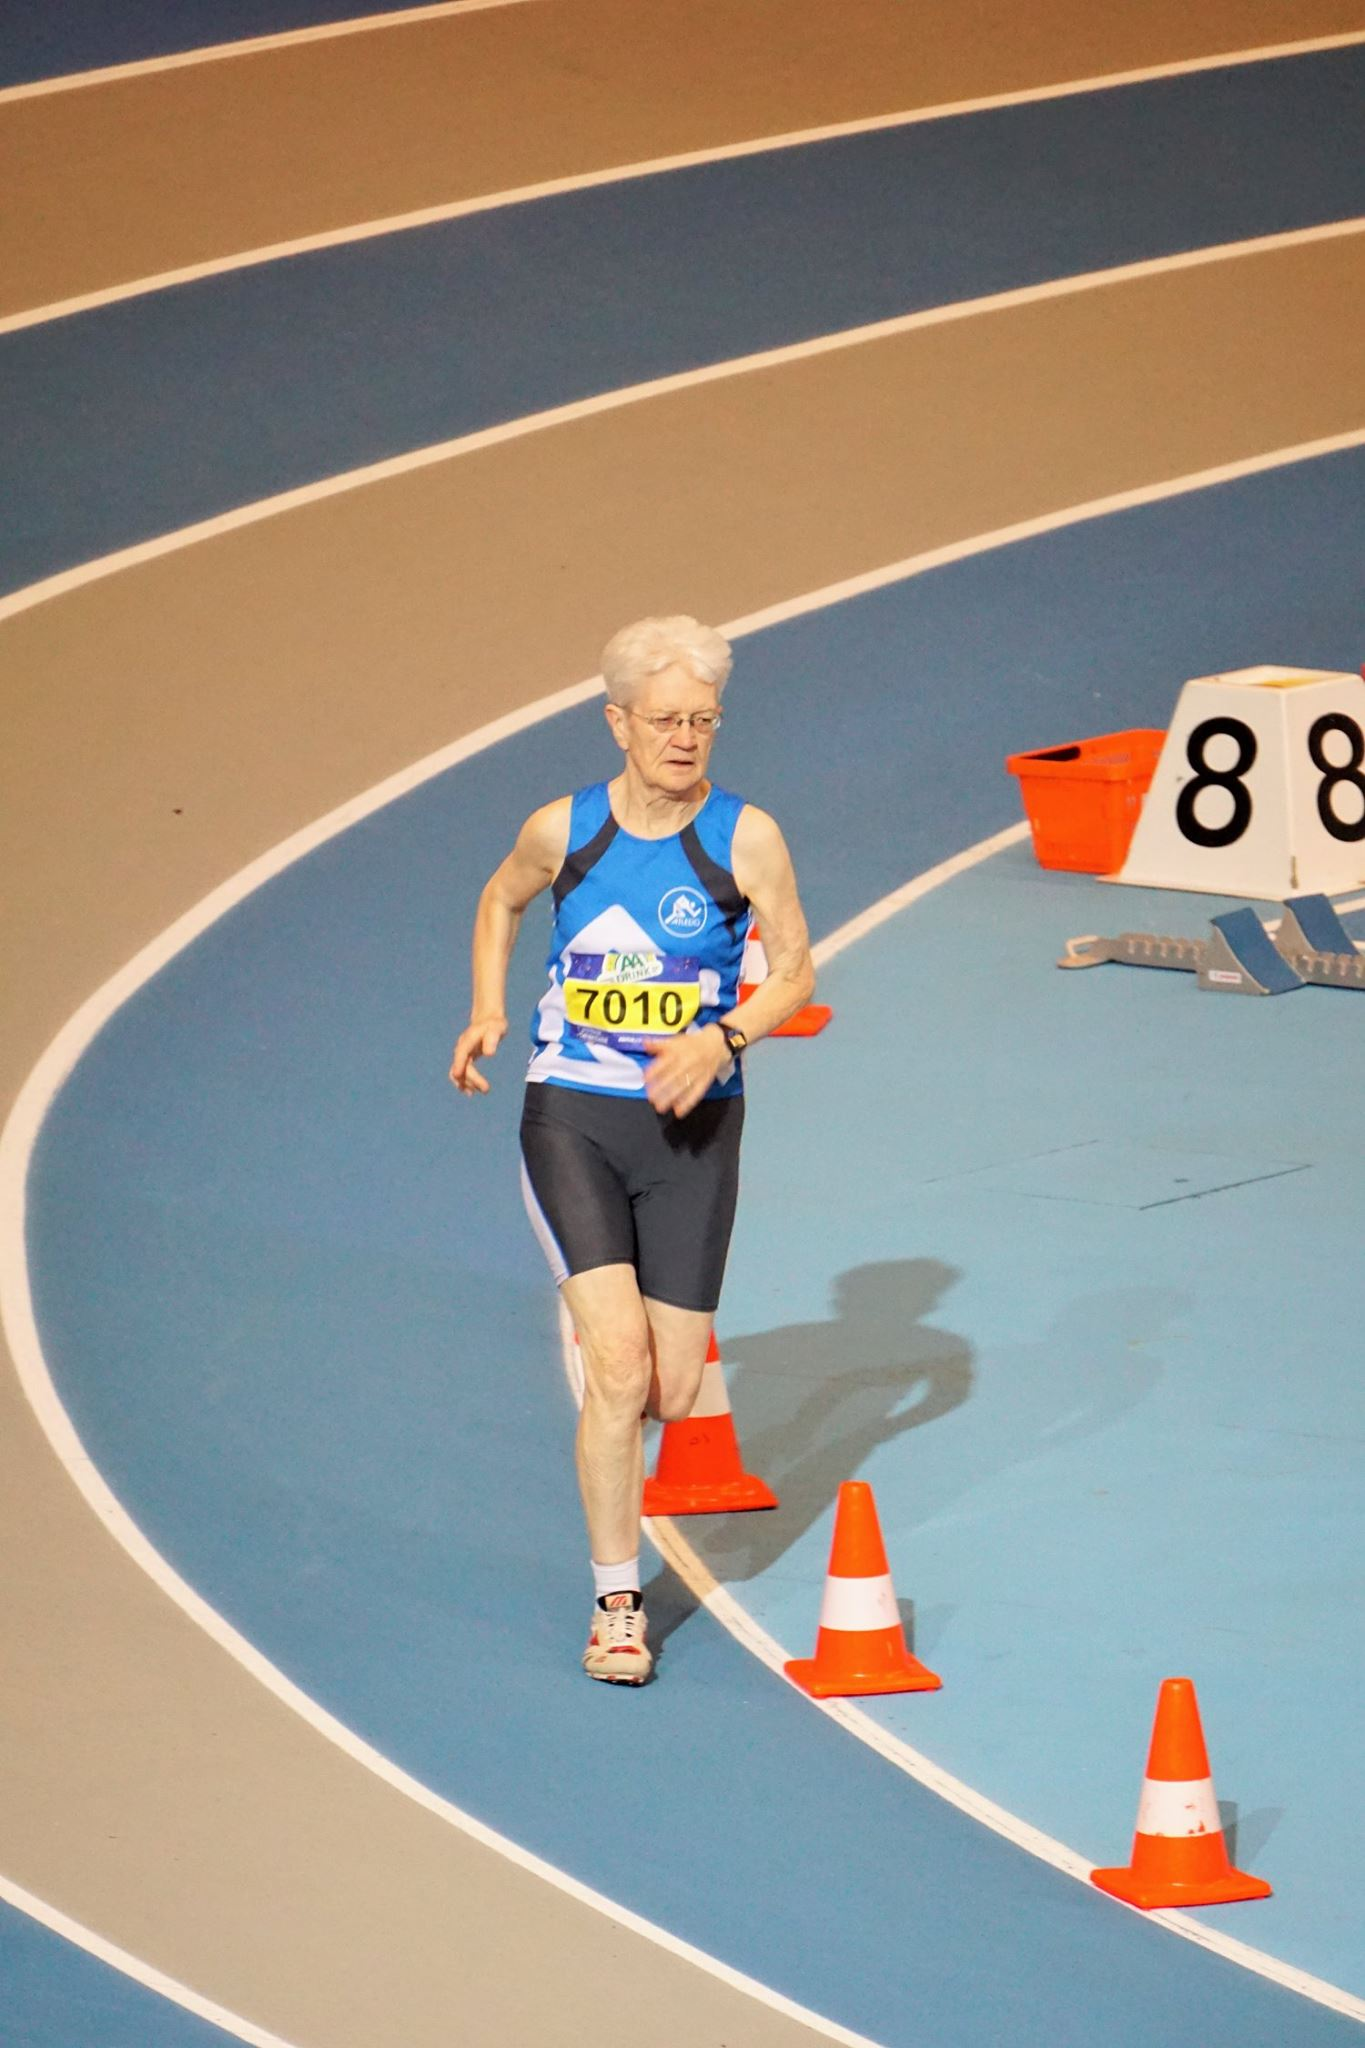 Nederlands record 5 km hardlopen